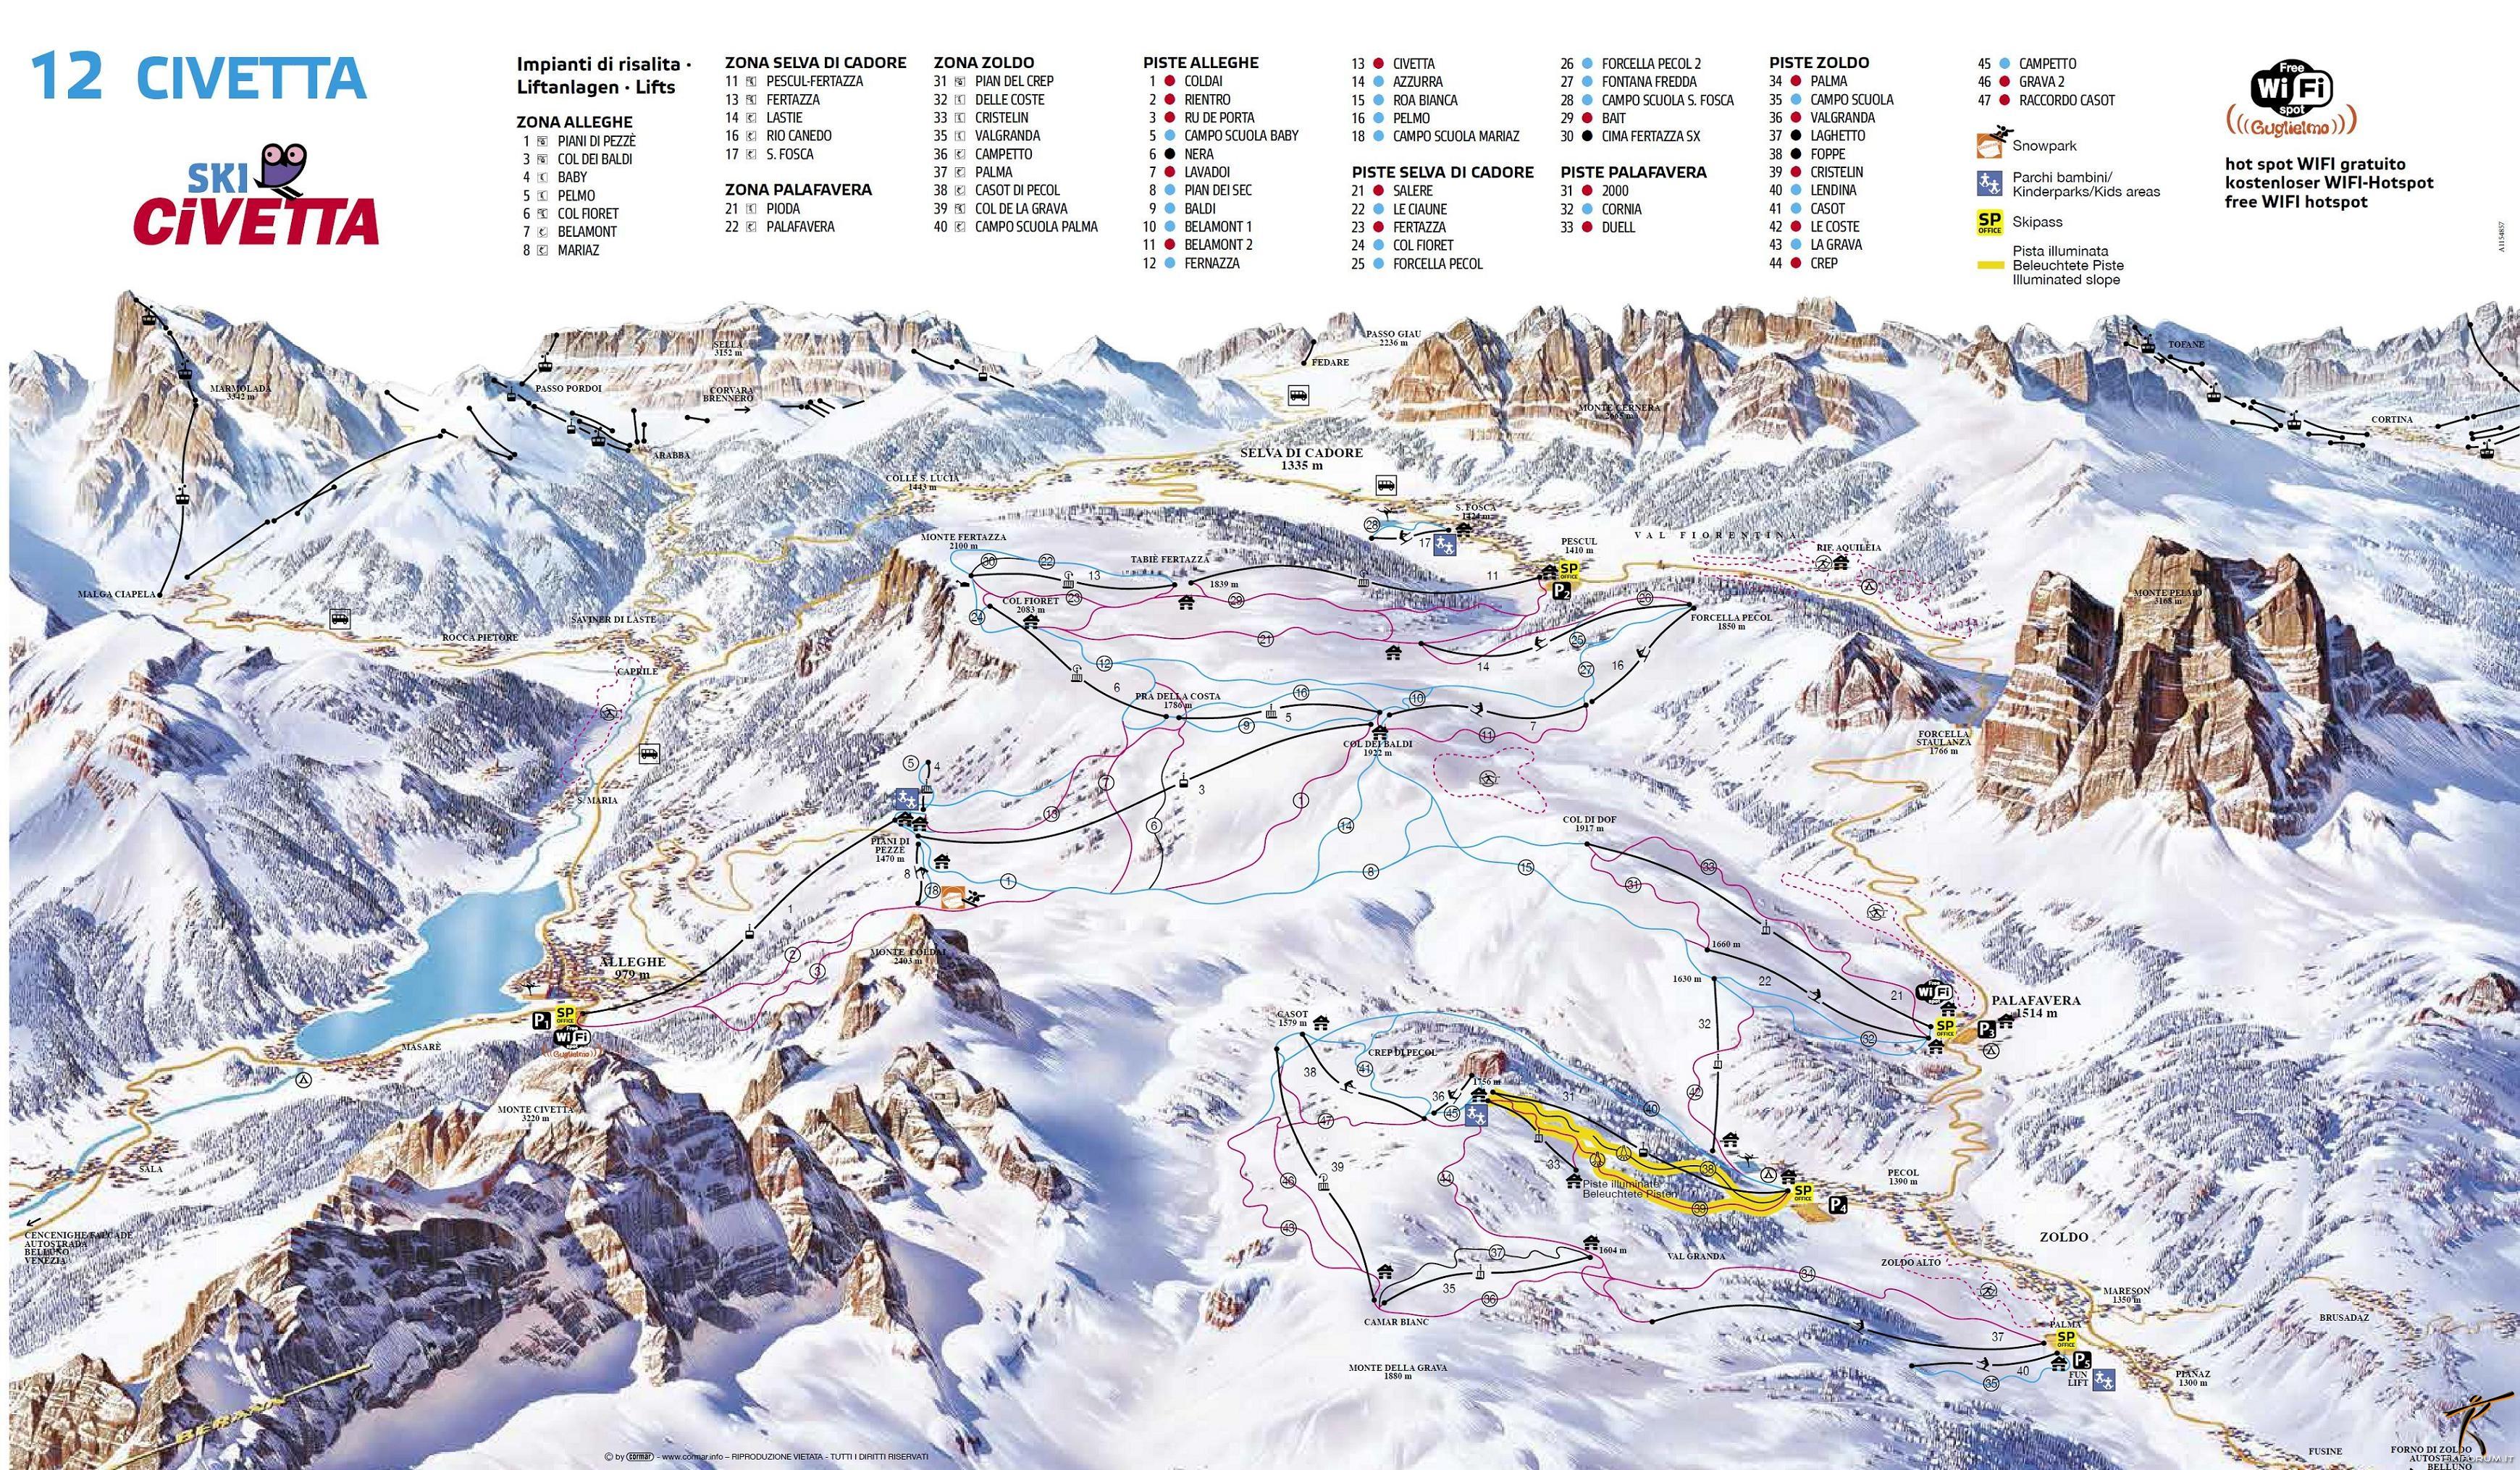 Cartina Dolomiti Superski.Dolomiti Superski Ski Civetta Mappa Cartina Skimaps